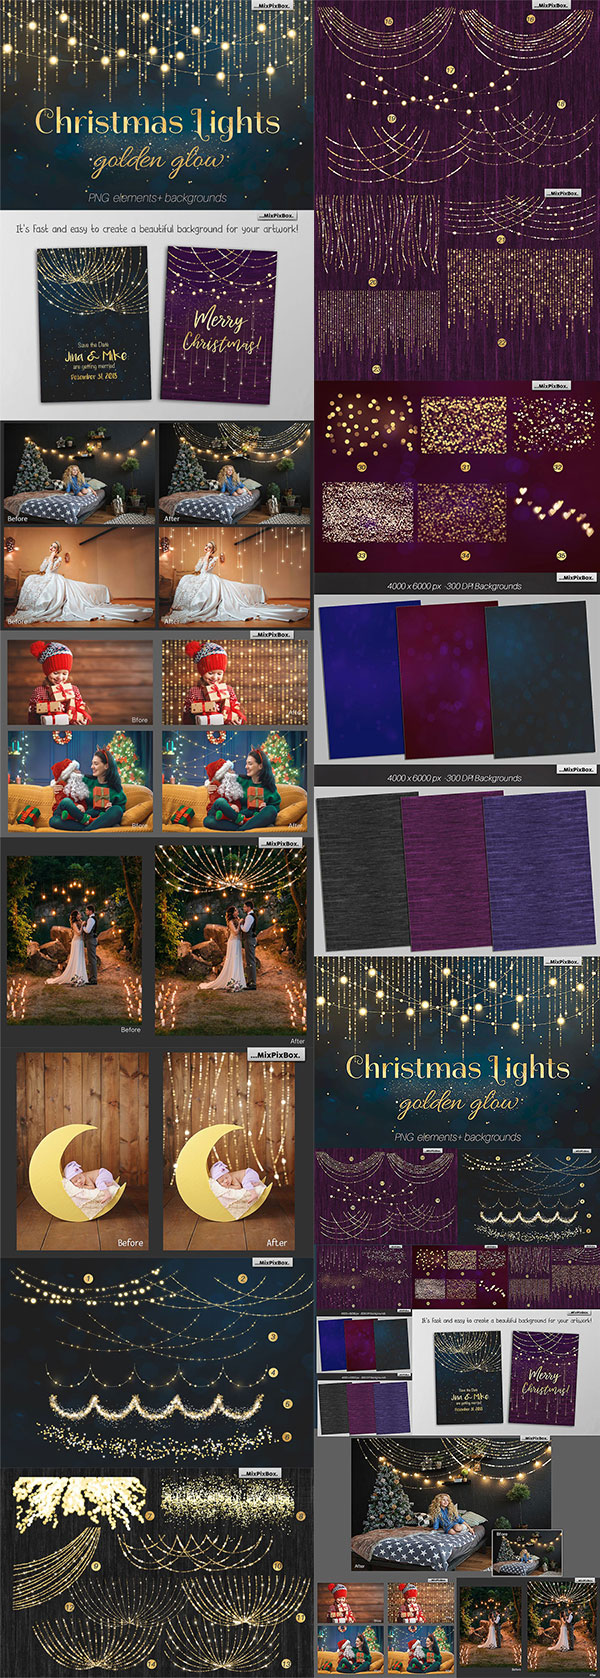 圣诞挂灯叠加素材